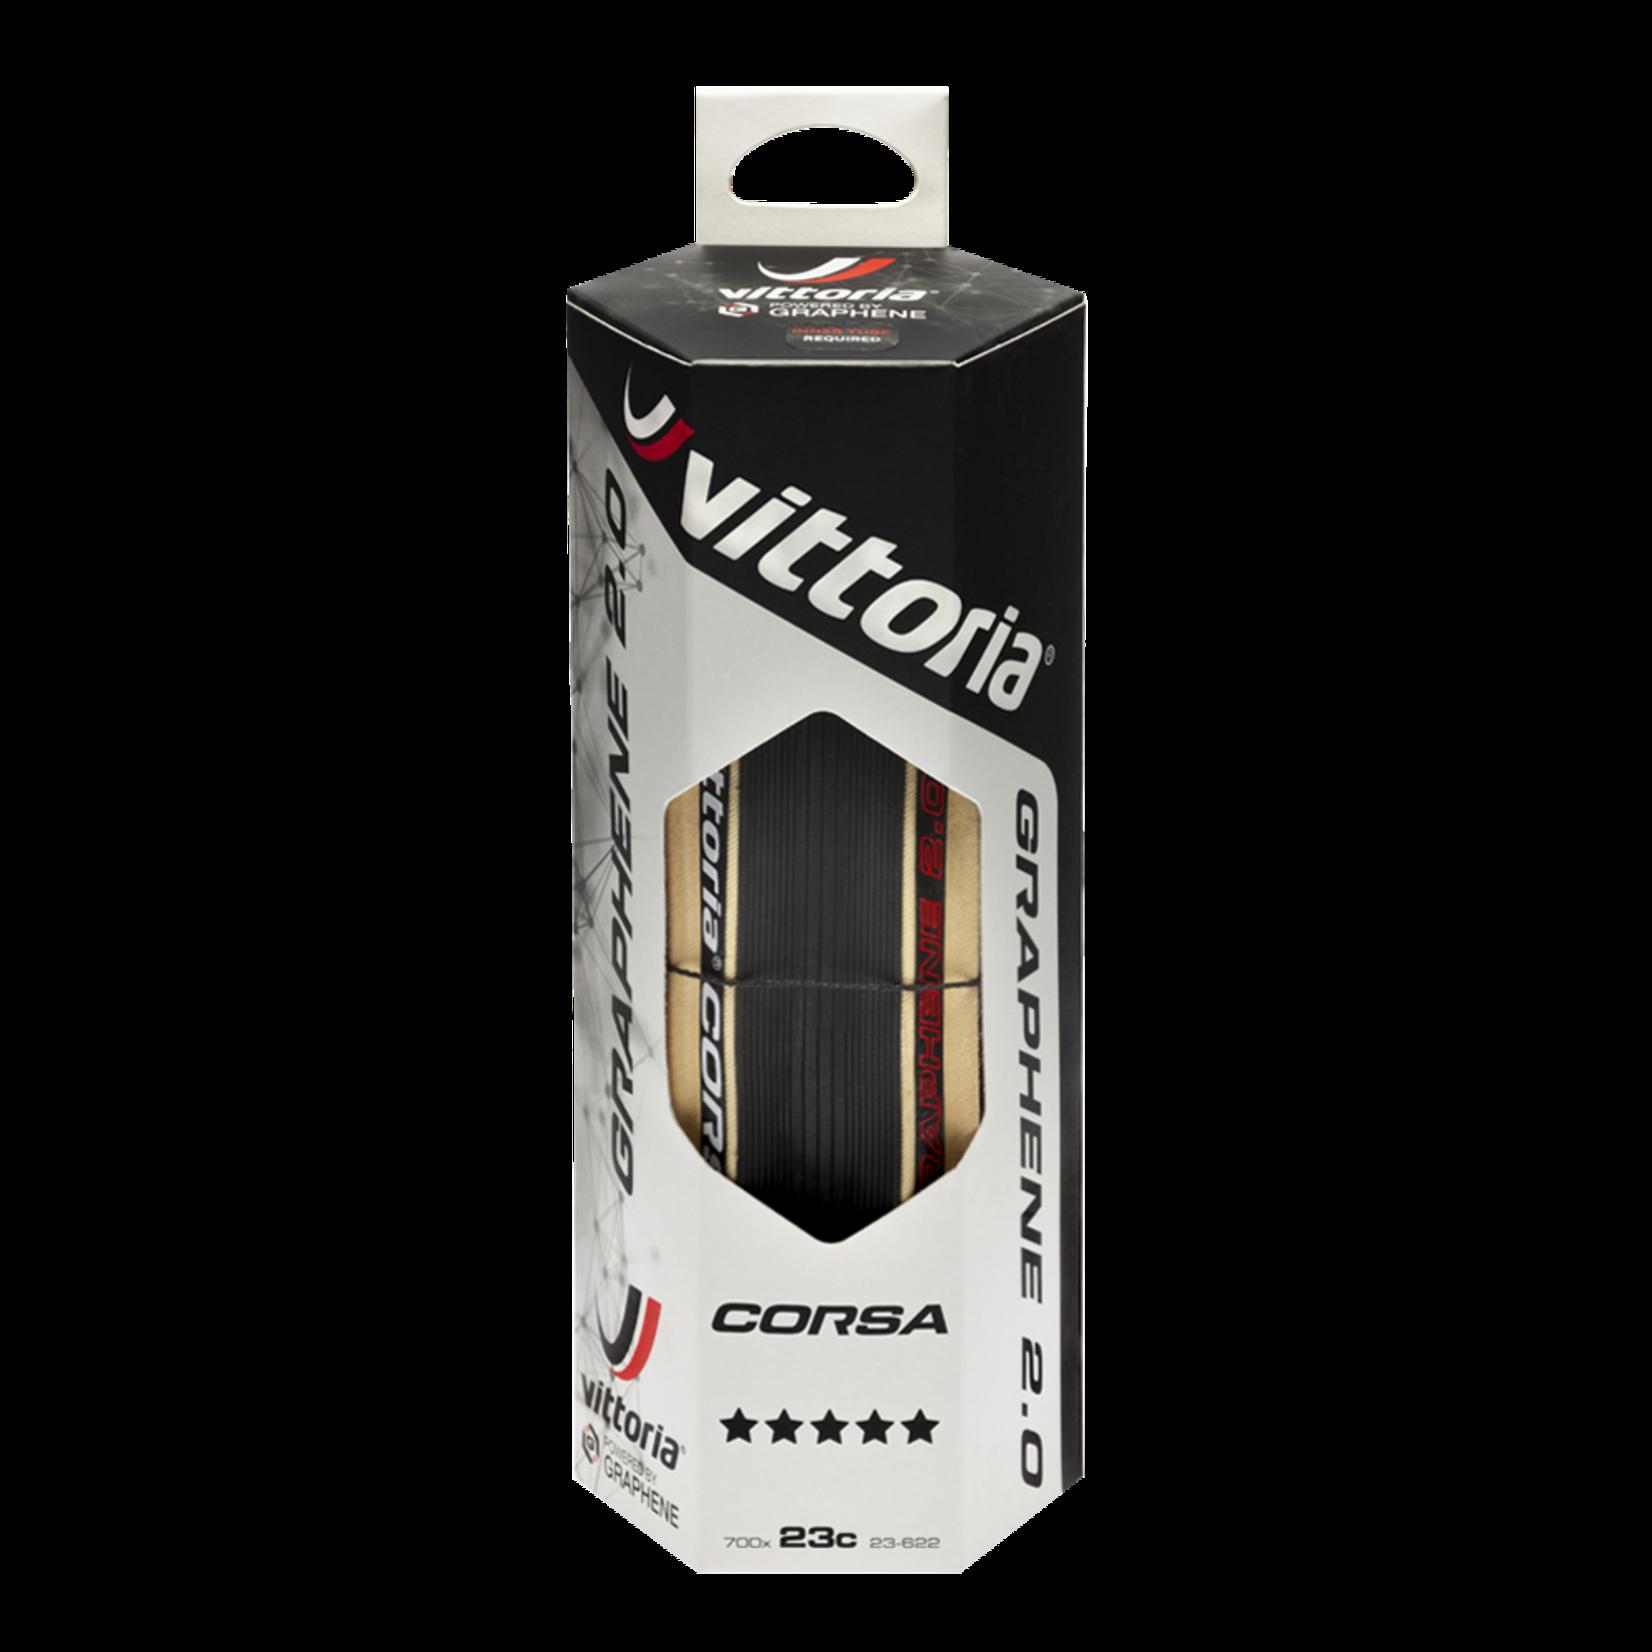 Vittoria Corsa Foldable Tire